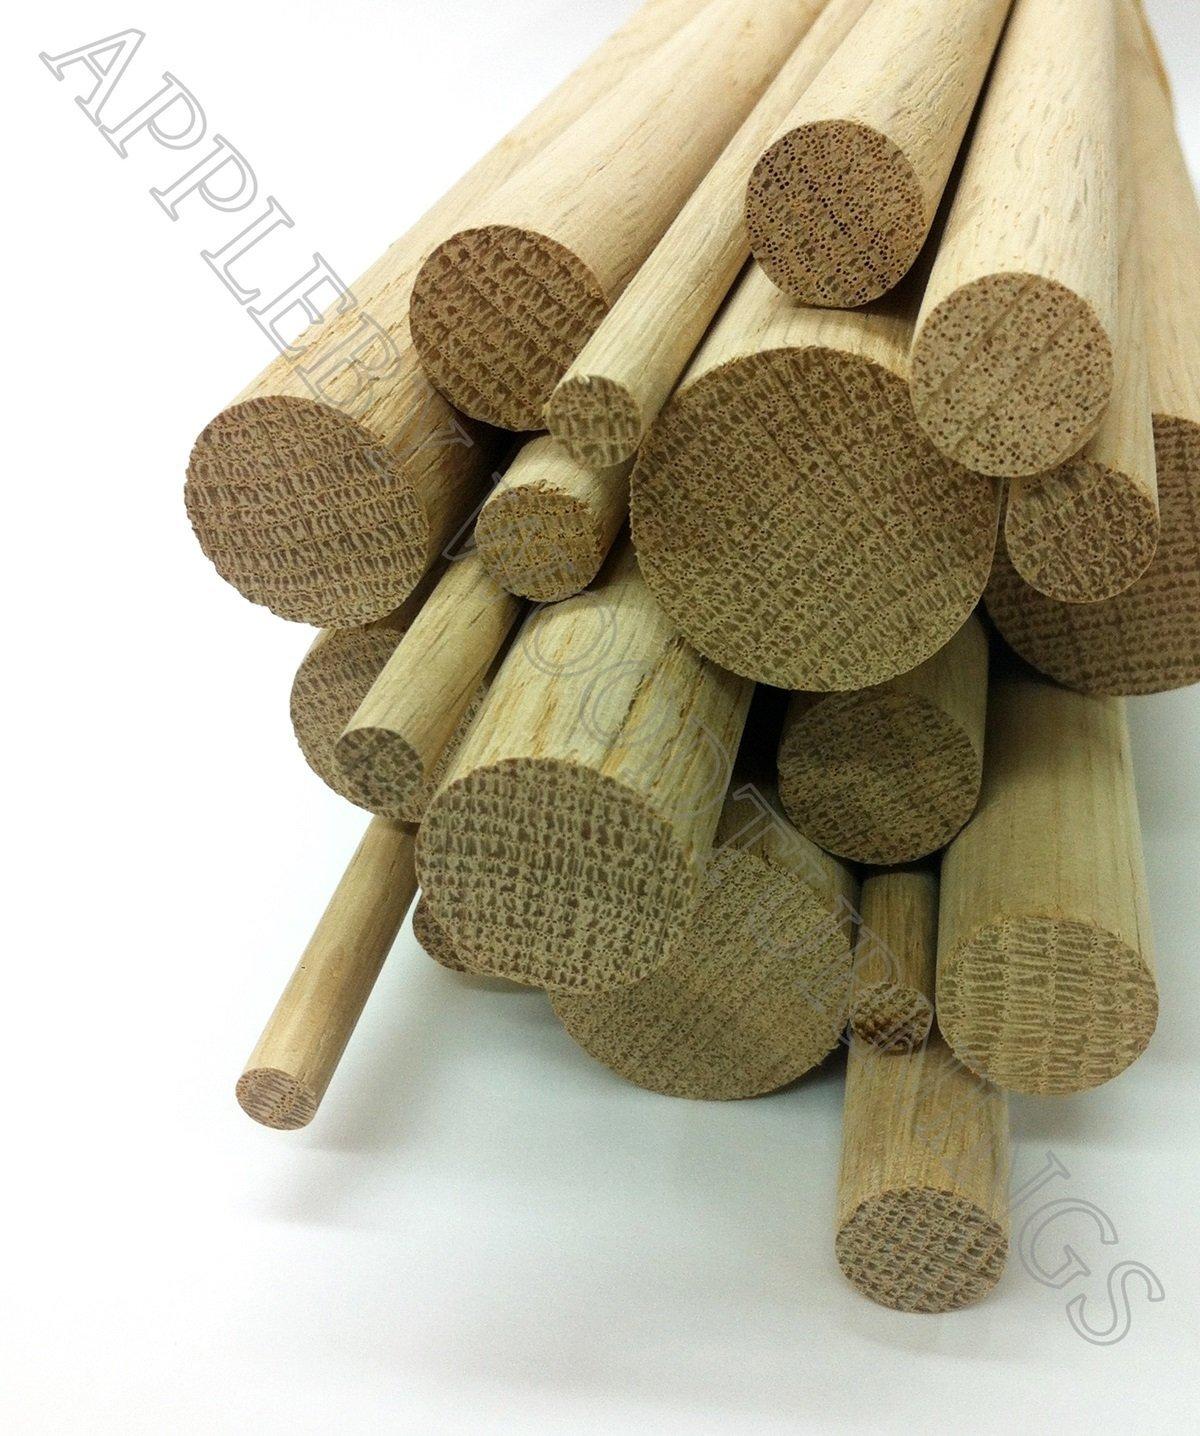 Oak Dowel Rods